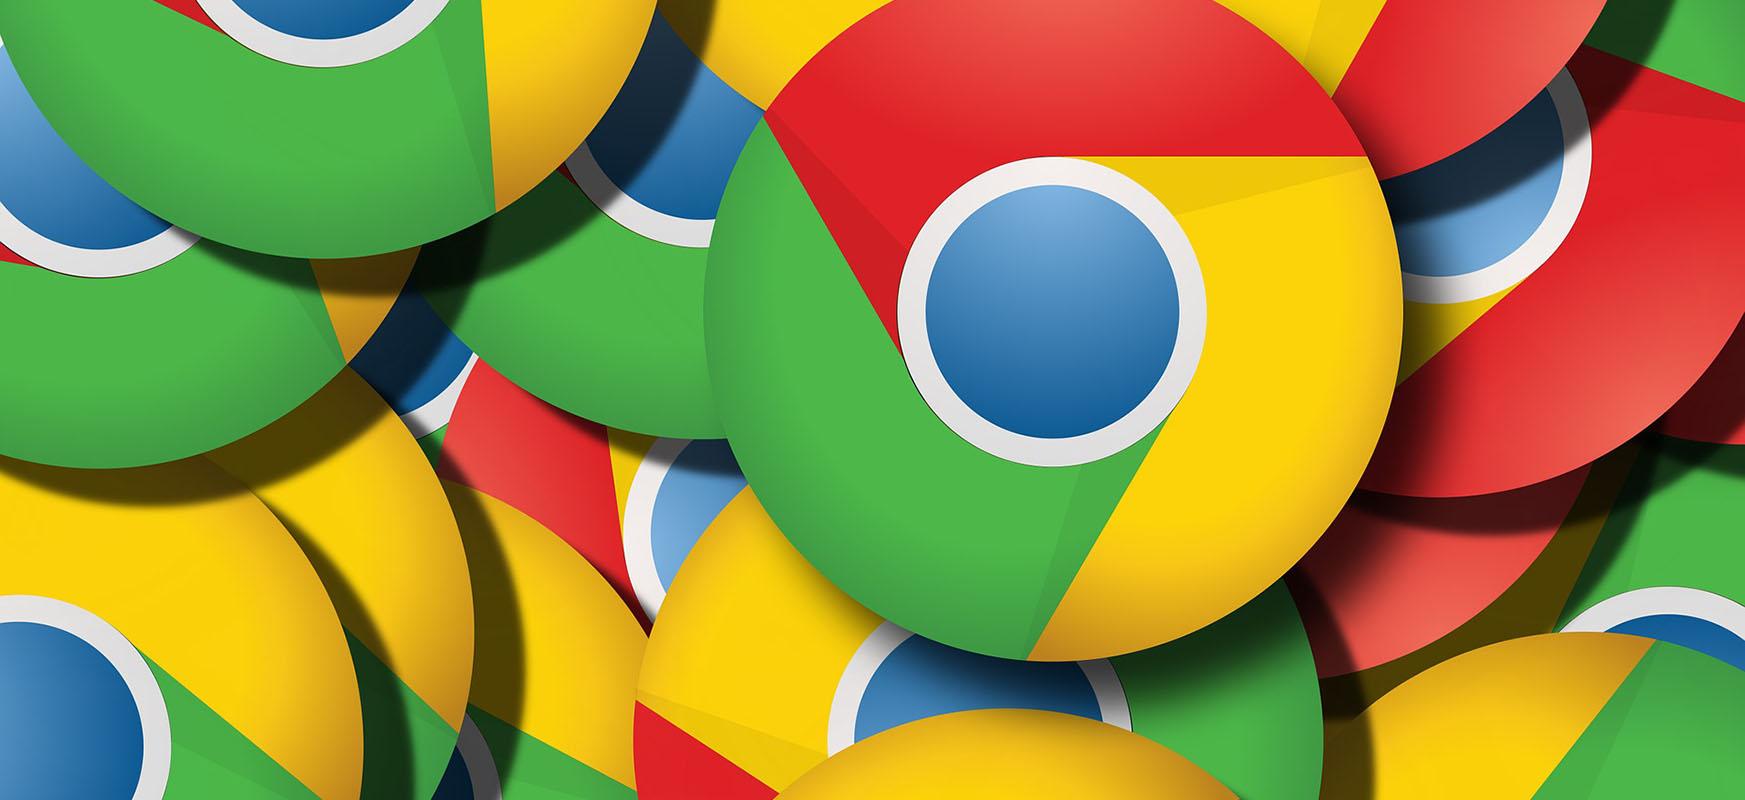 Microsoft-ek konpondu ditu fitxategiak Chrome-ra arrastatuz.  Edge eta beste arakatzaileek ere onura izango dute